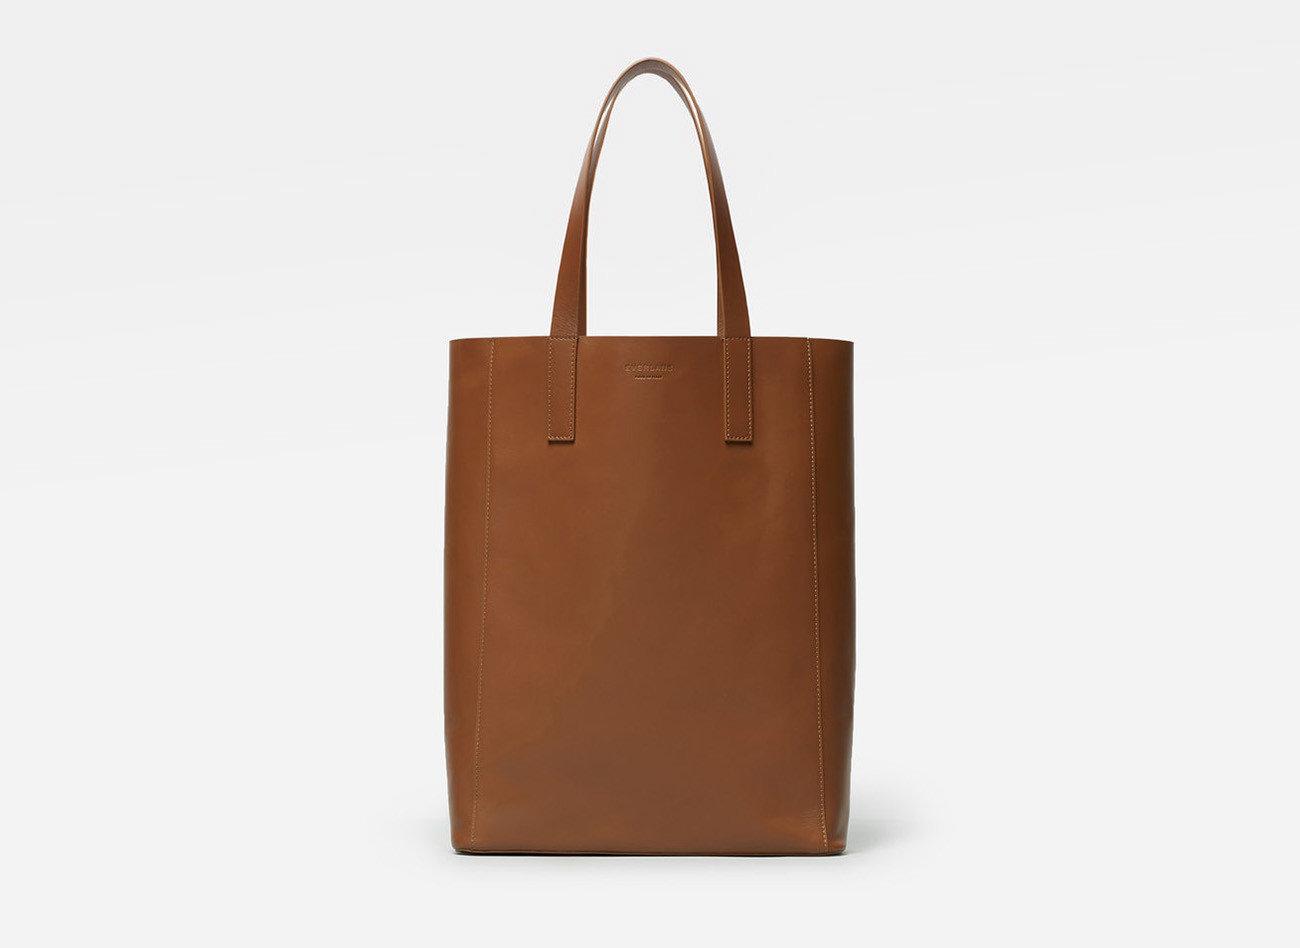 Edinburgh Hotels Jetsetter Guides Scotland Travel Tips Trip Ideas handbag brown bag leather product shoulder bag tote bag caramel color product design brand